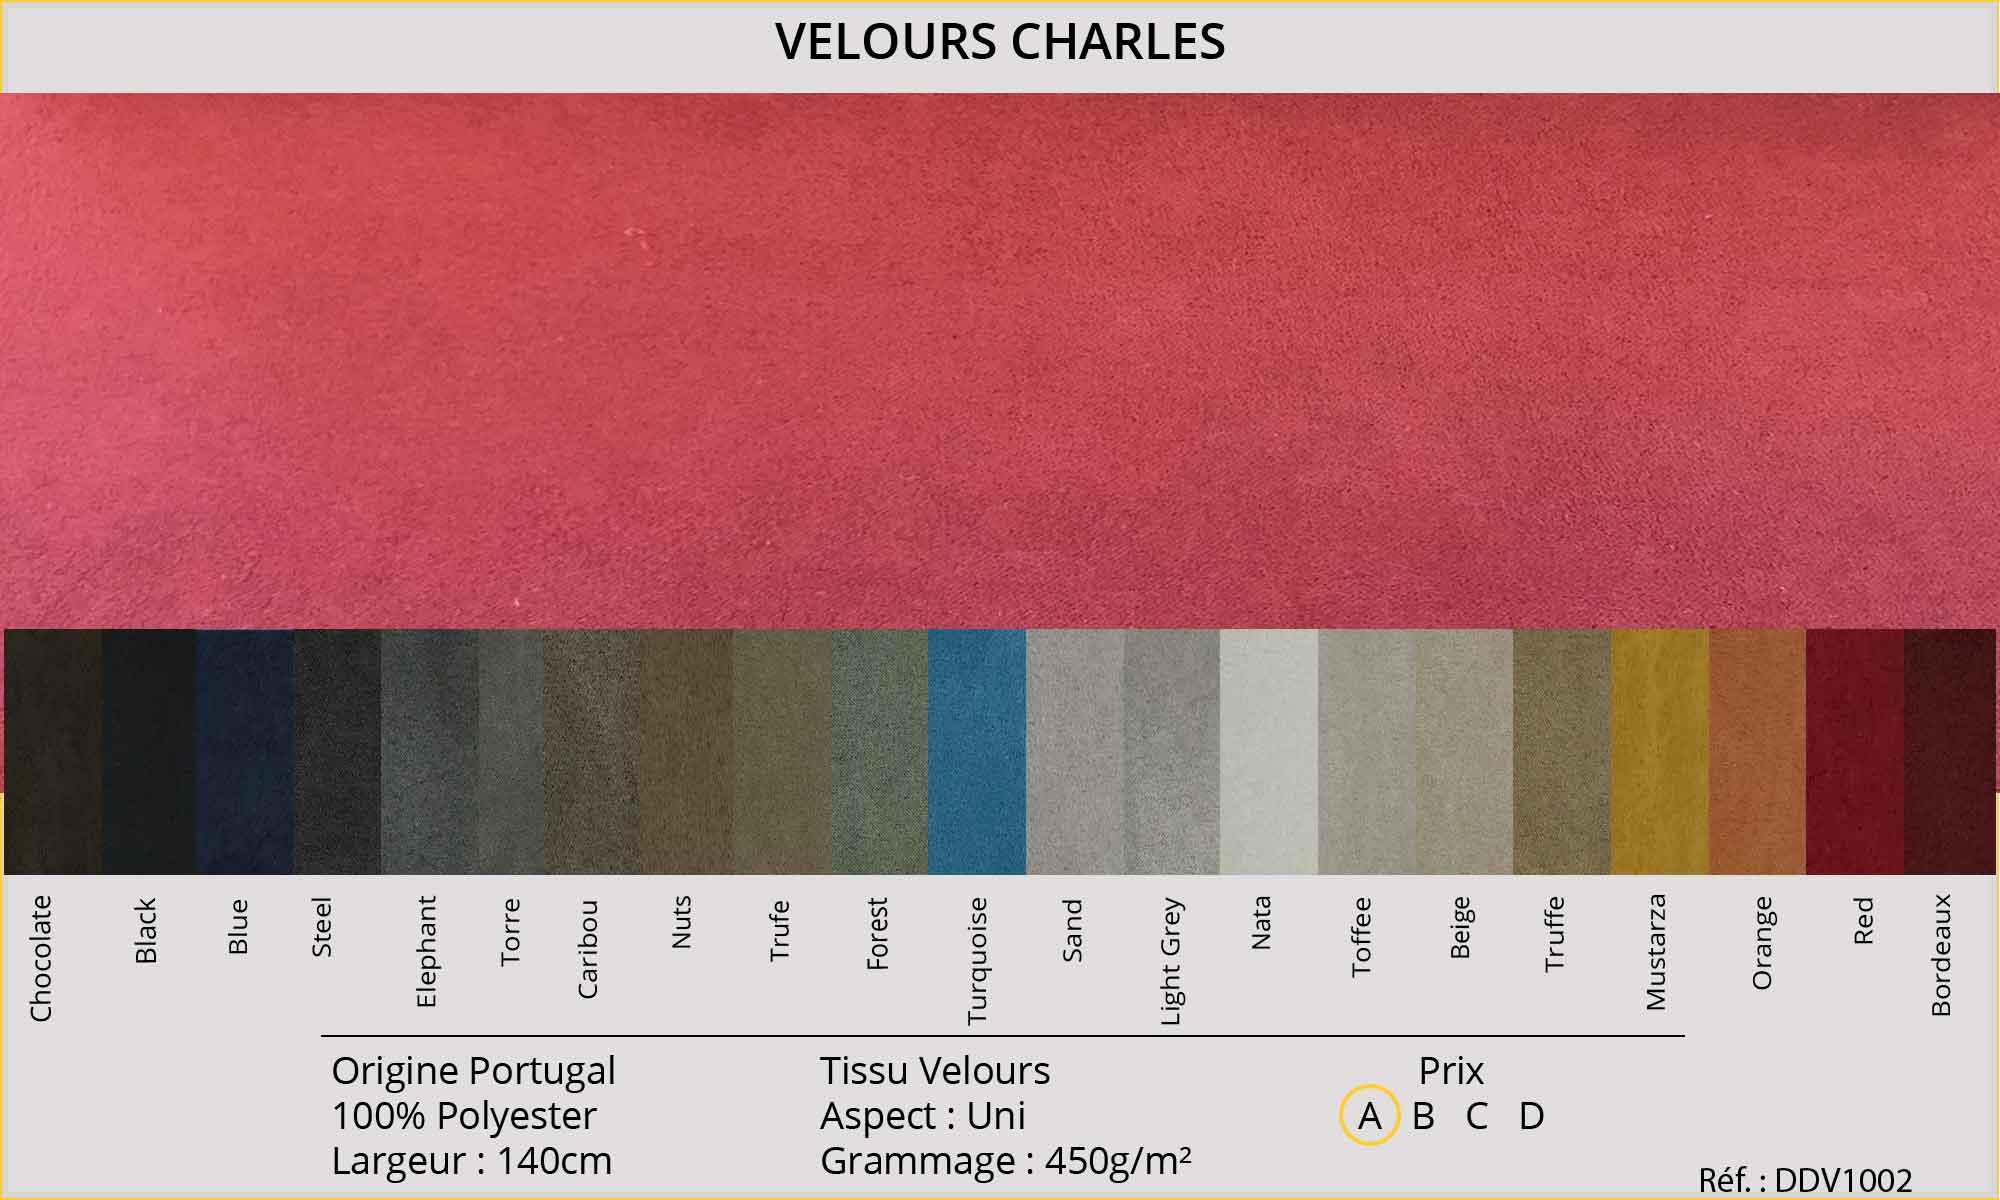 Velours Charles